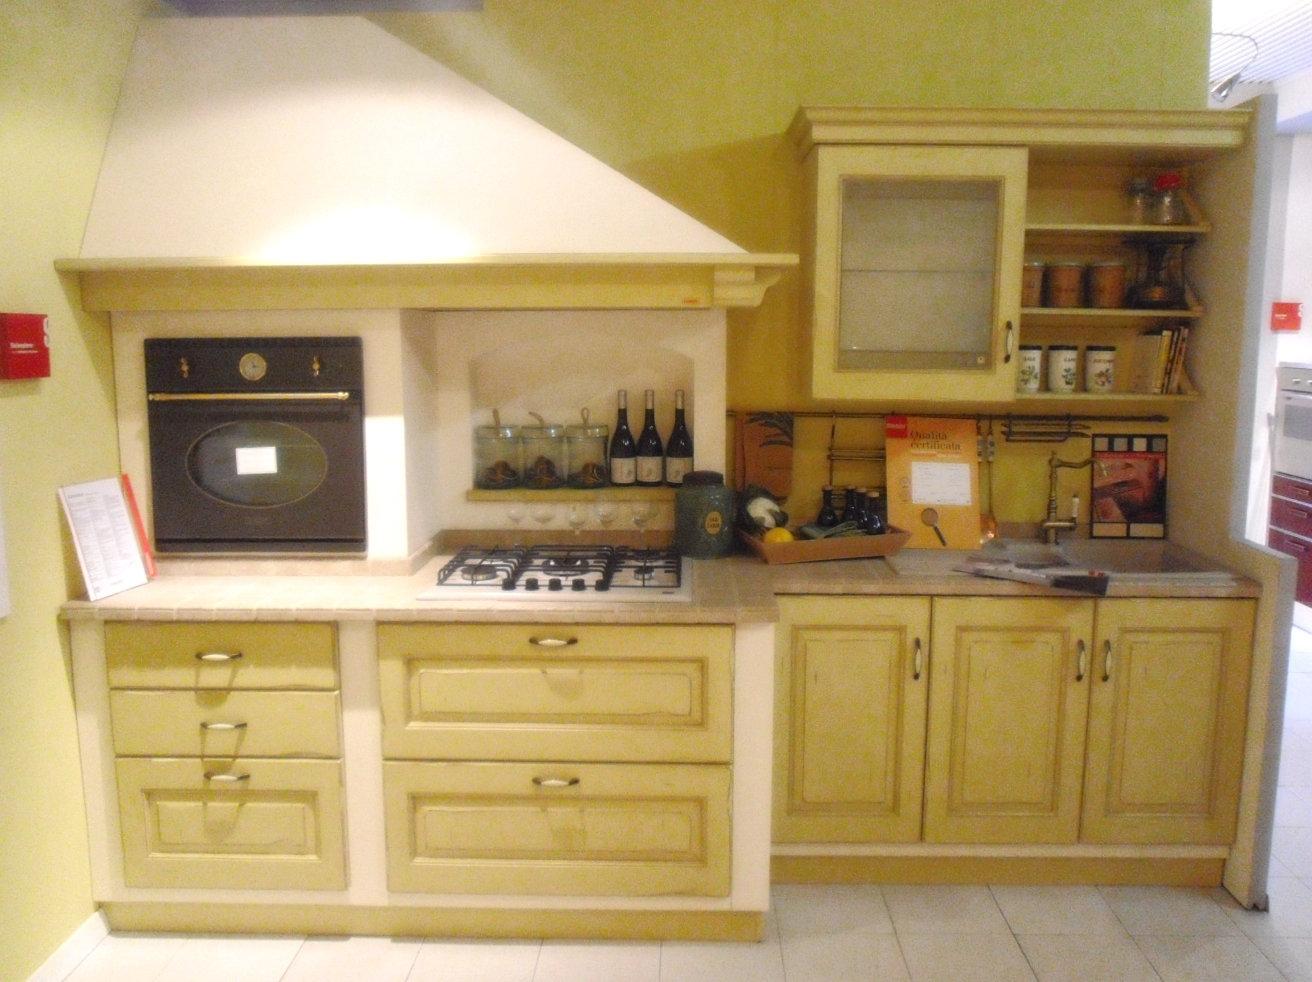 Top cucina ceramica cucina scavolini belvedere prezzo - Prezzo cucine scavolini ...